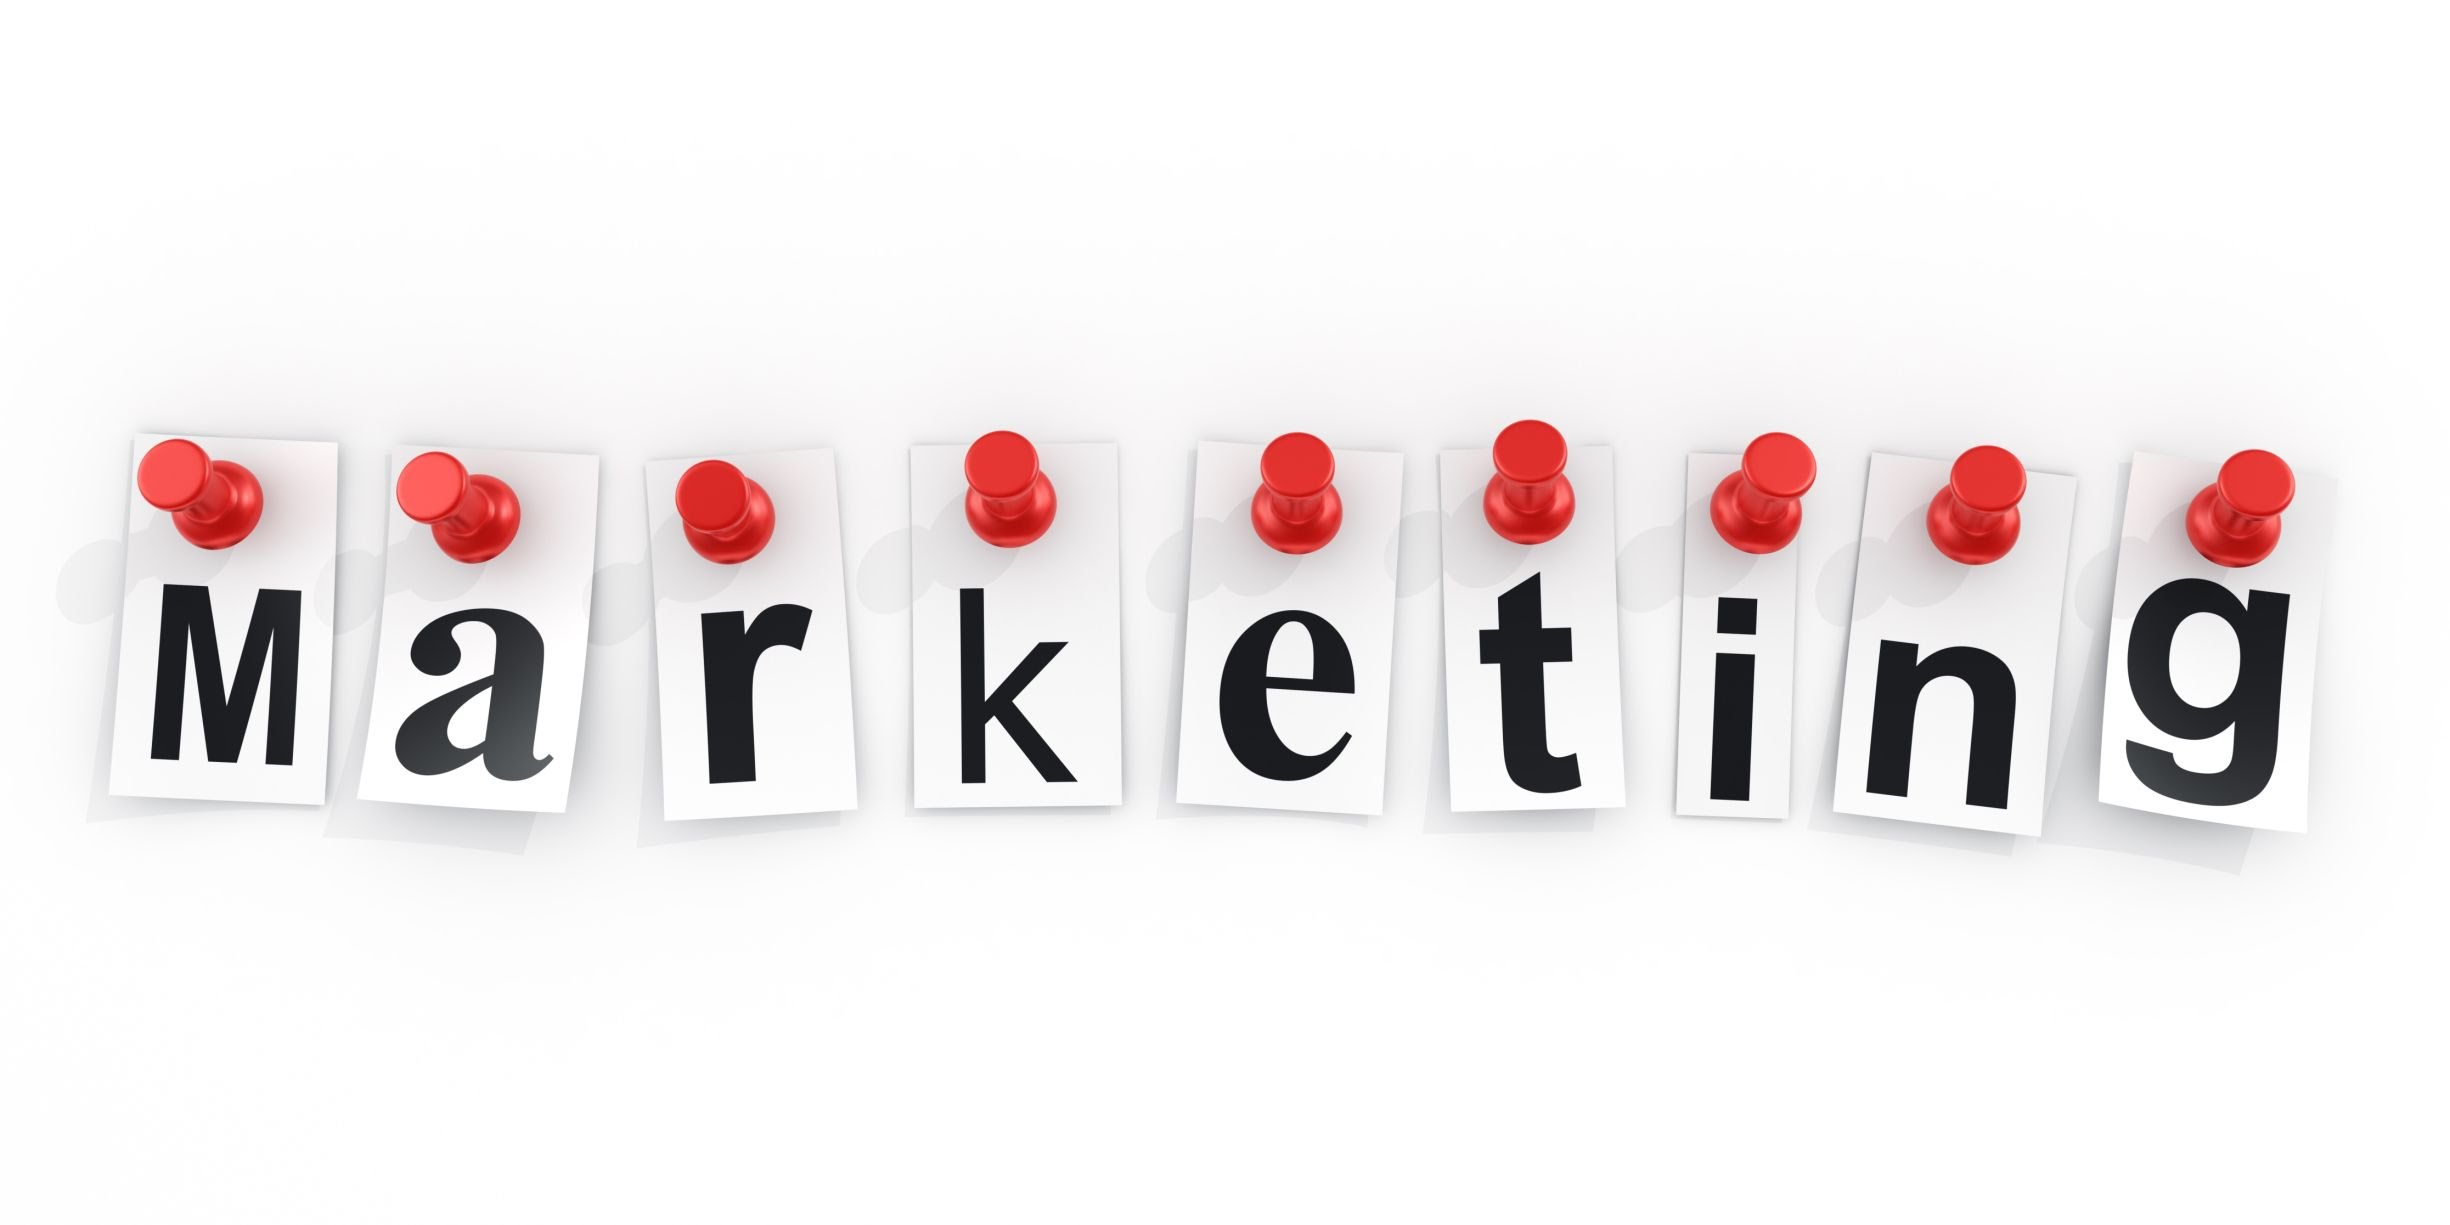 بر فروش و بازاریابی، تأکید زیادی داشته باشید